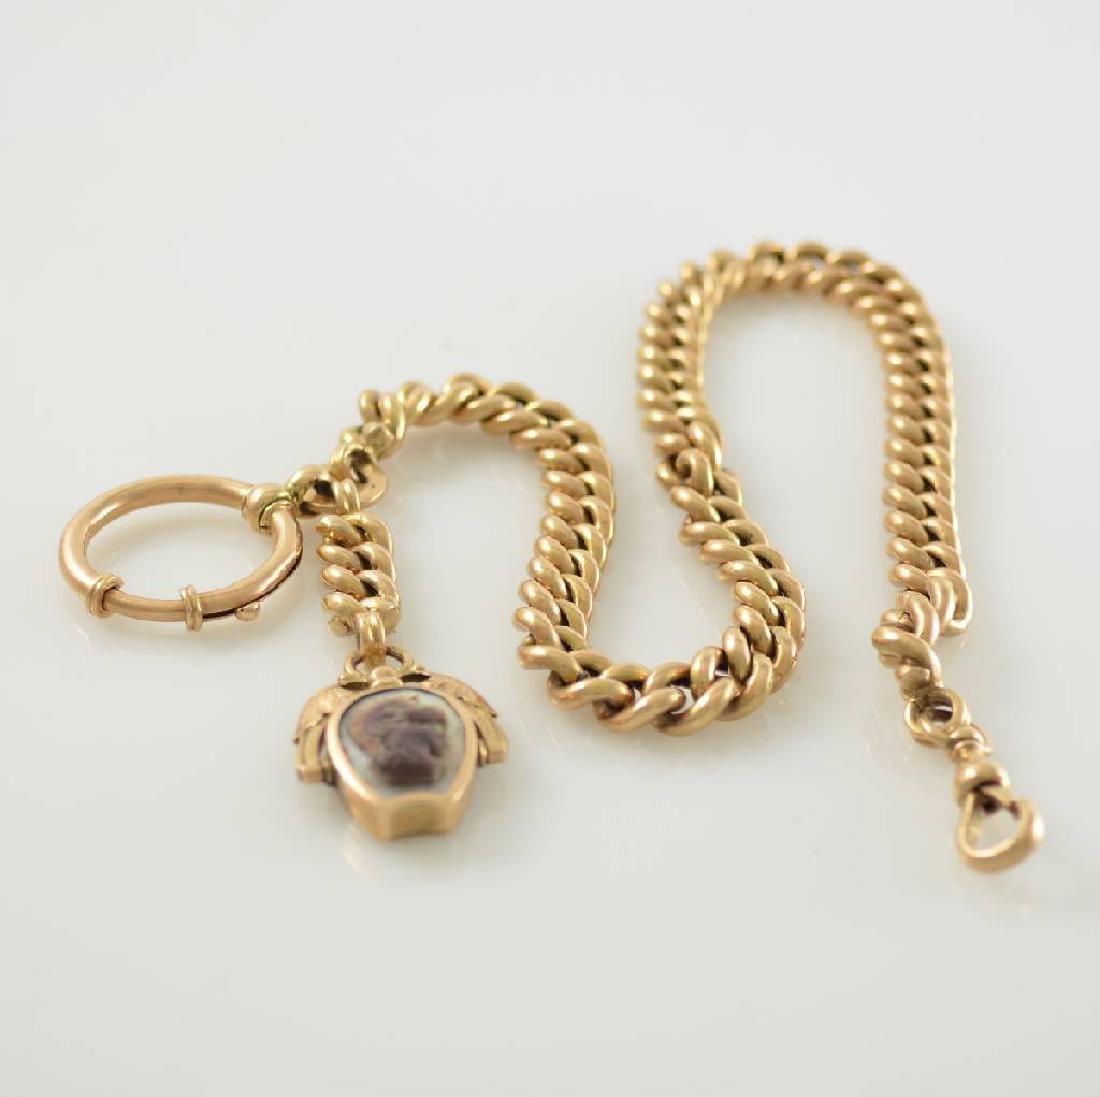 14k pink gold pocket-watch chain around 1890